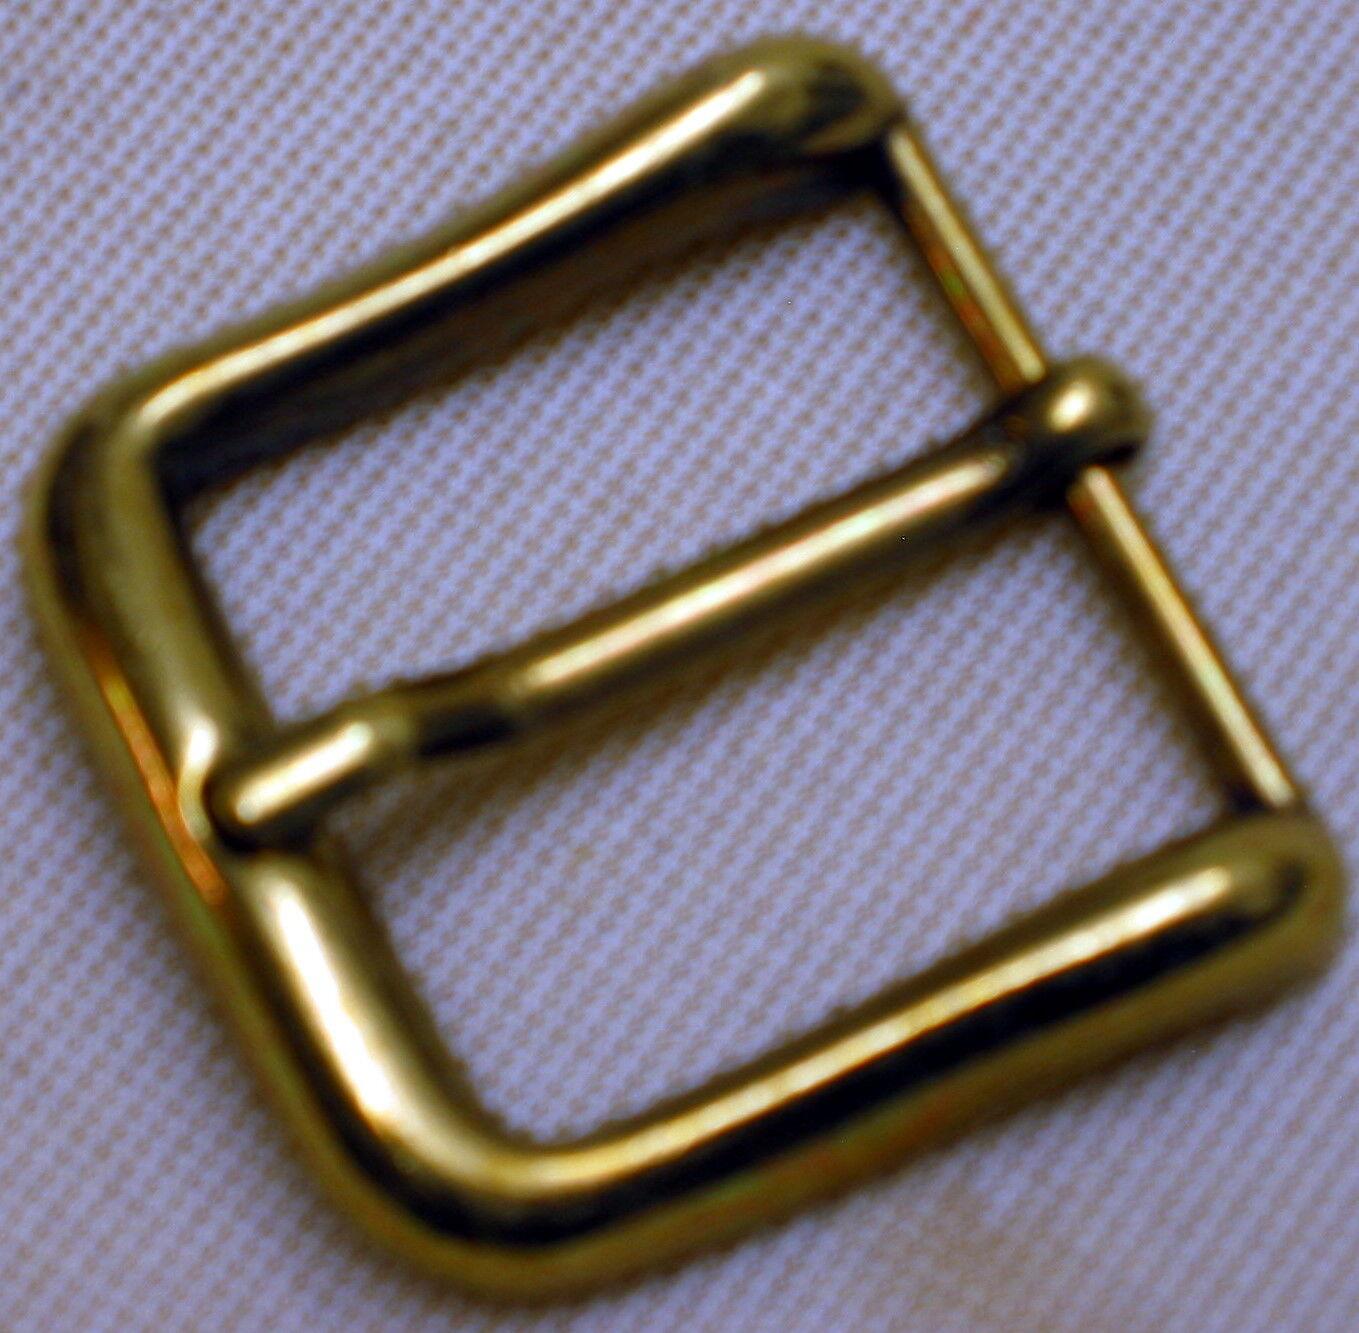 1A Gürtelschnalle MASSIV Metall NEU für 30mm breite GÜRTEL Farbe: MESSING Top #